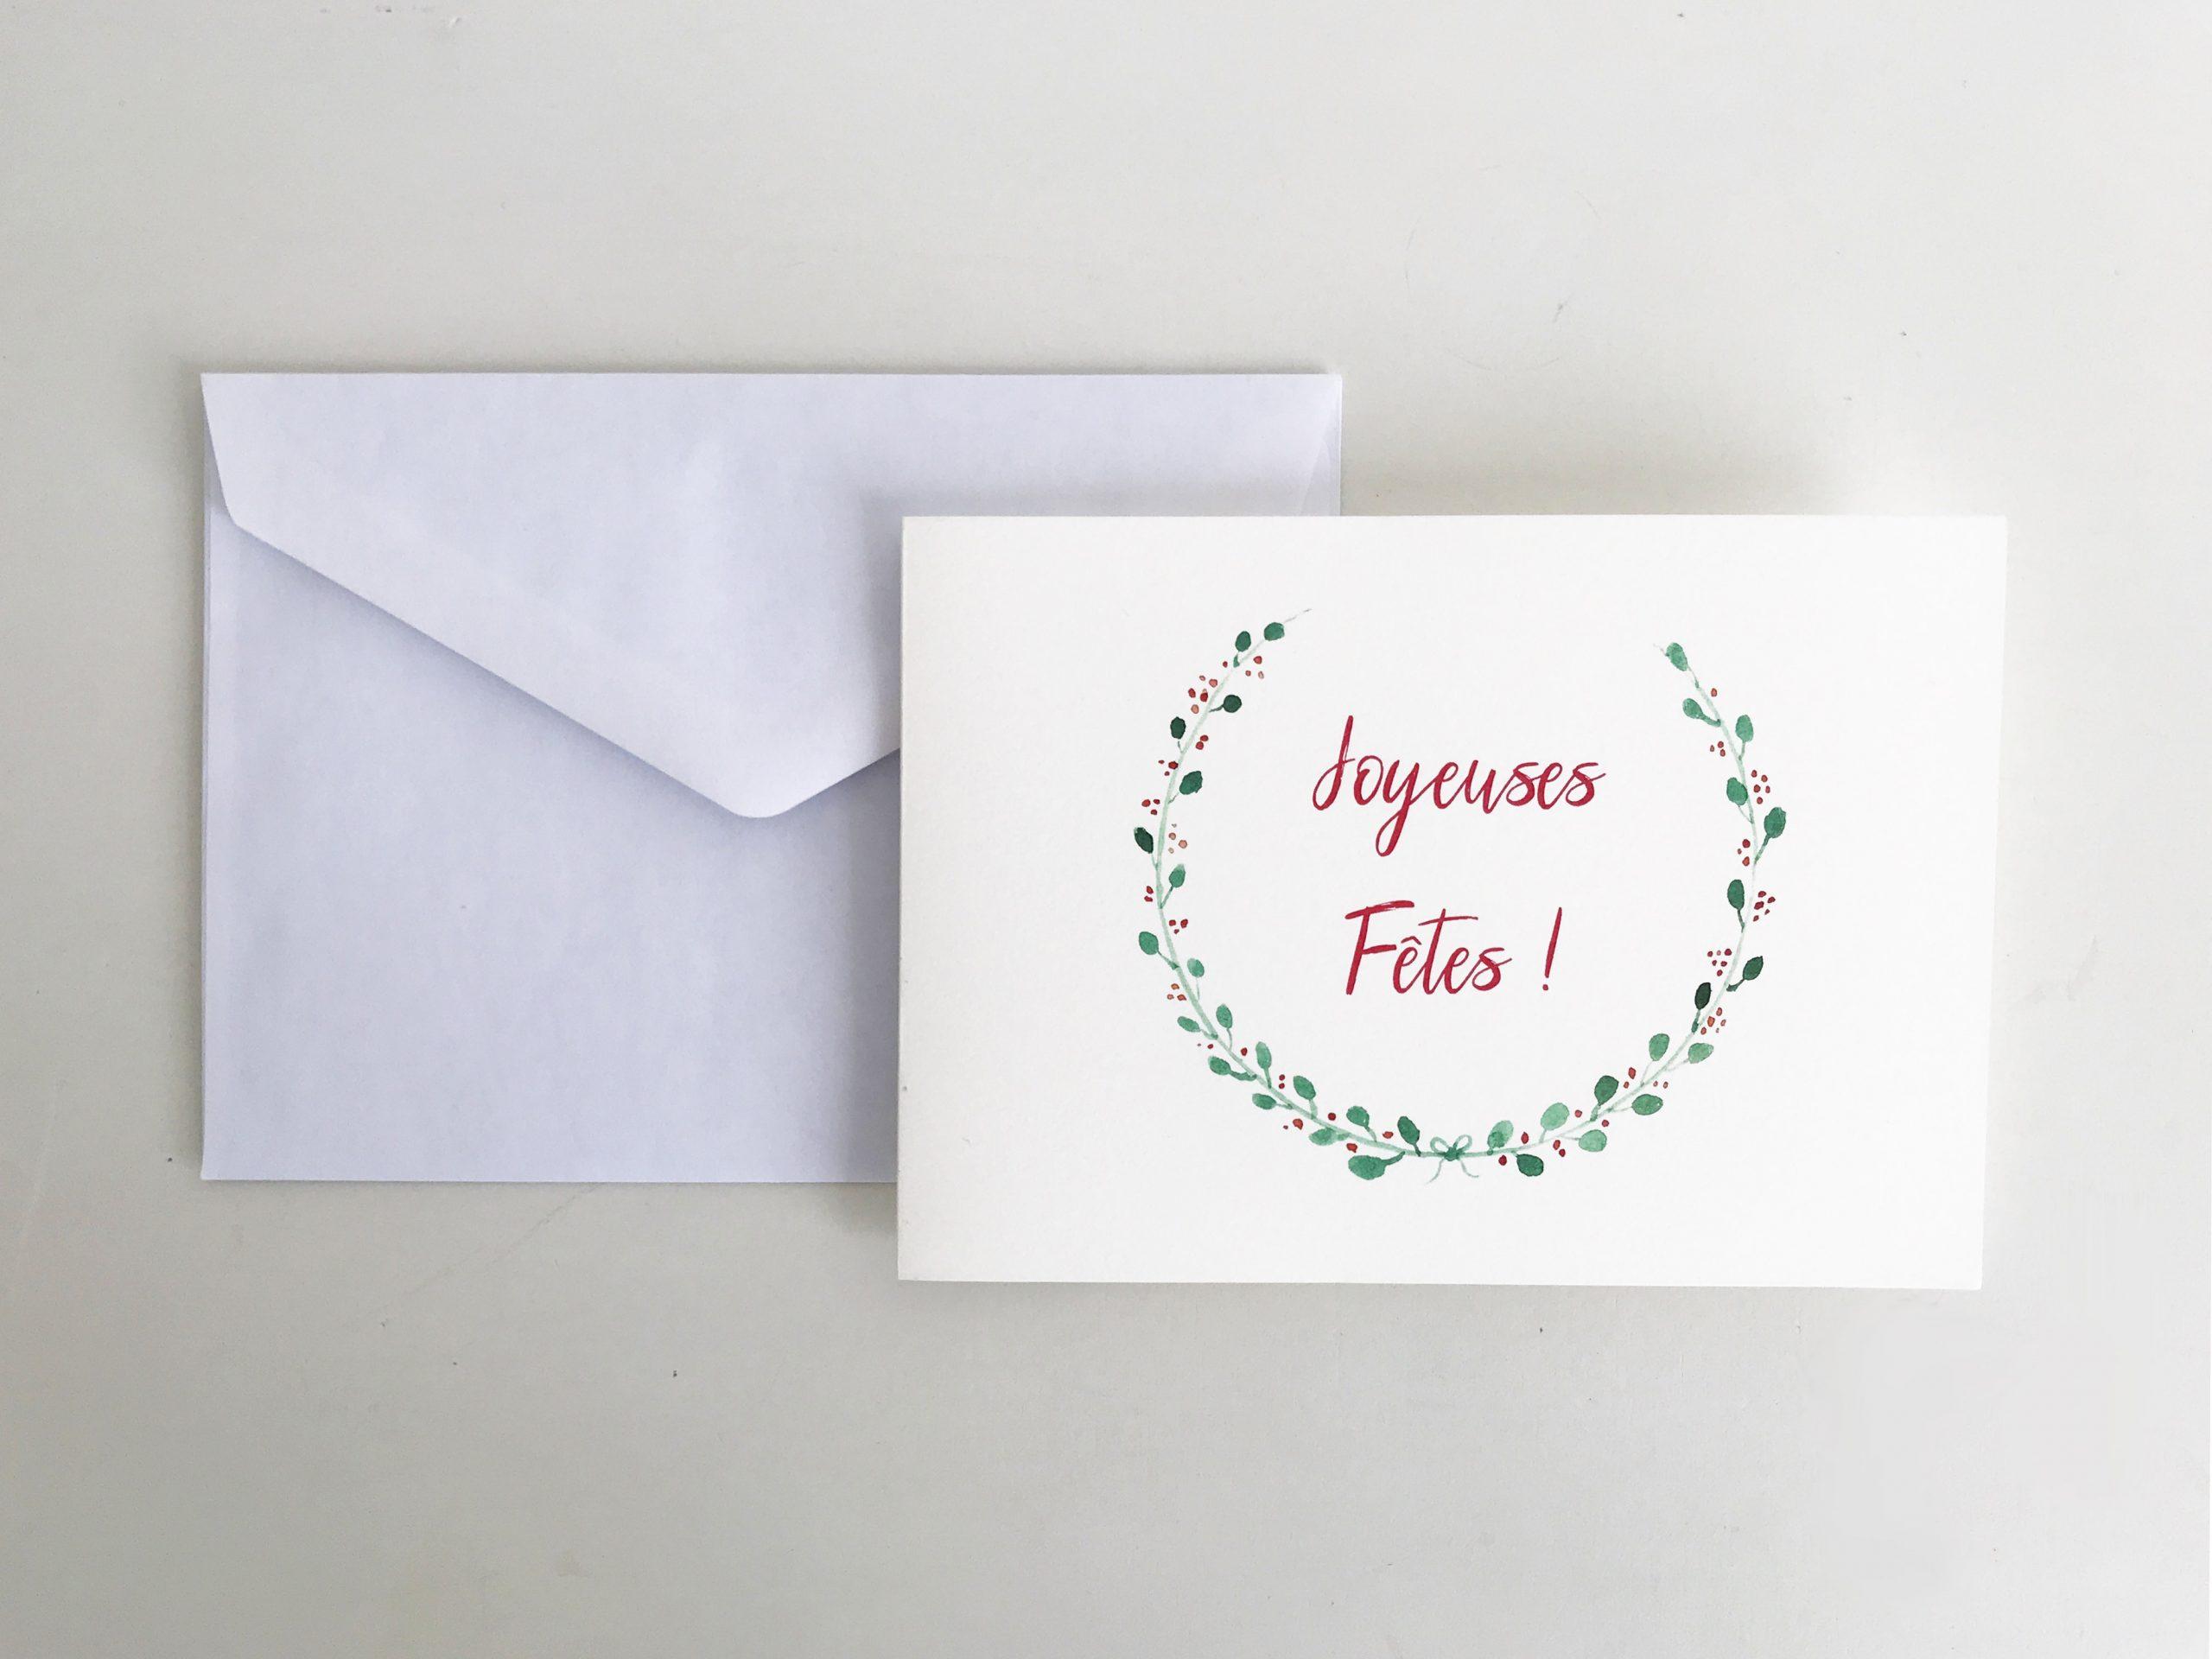 carte de voeux couronne de Noel aquarelle et calligraphie joyeuses fêtes